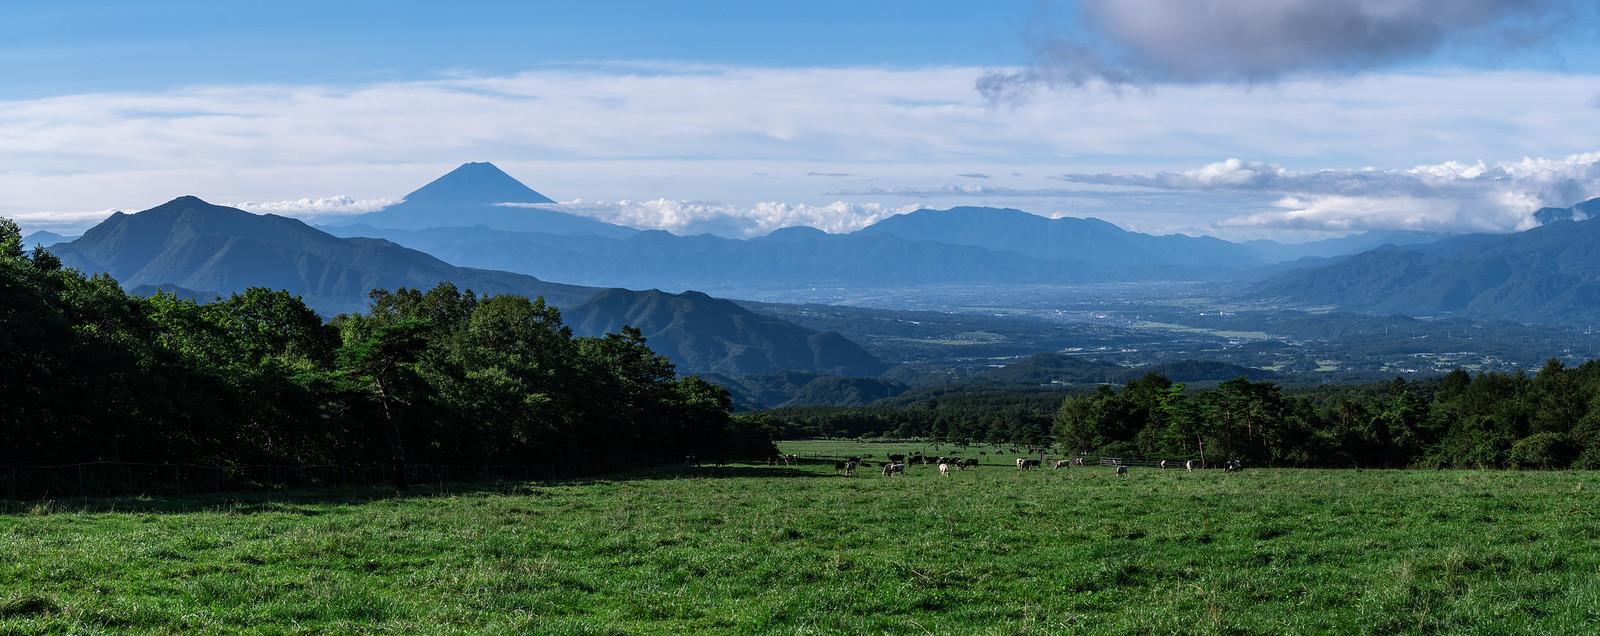 Mt Fuji Panorama